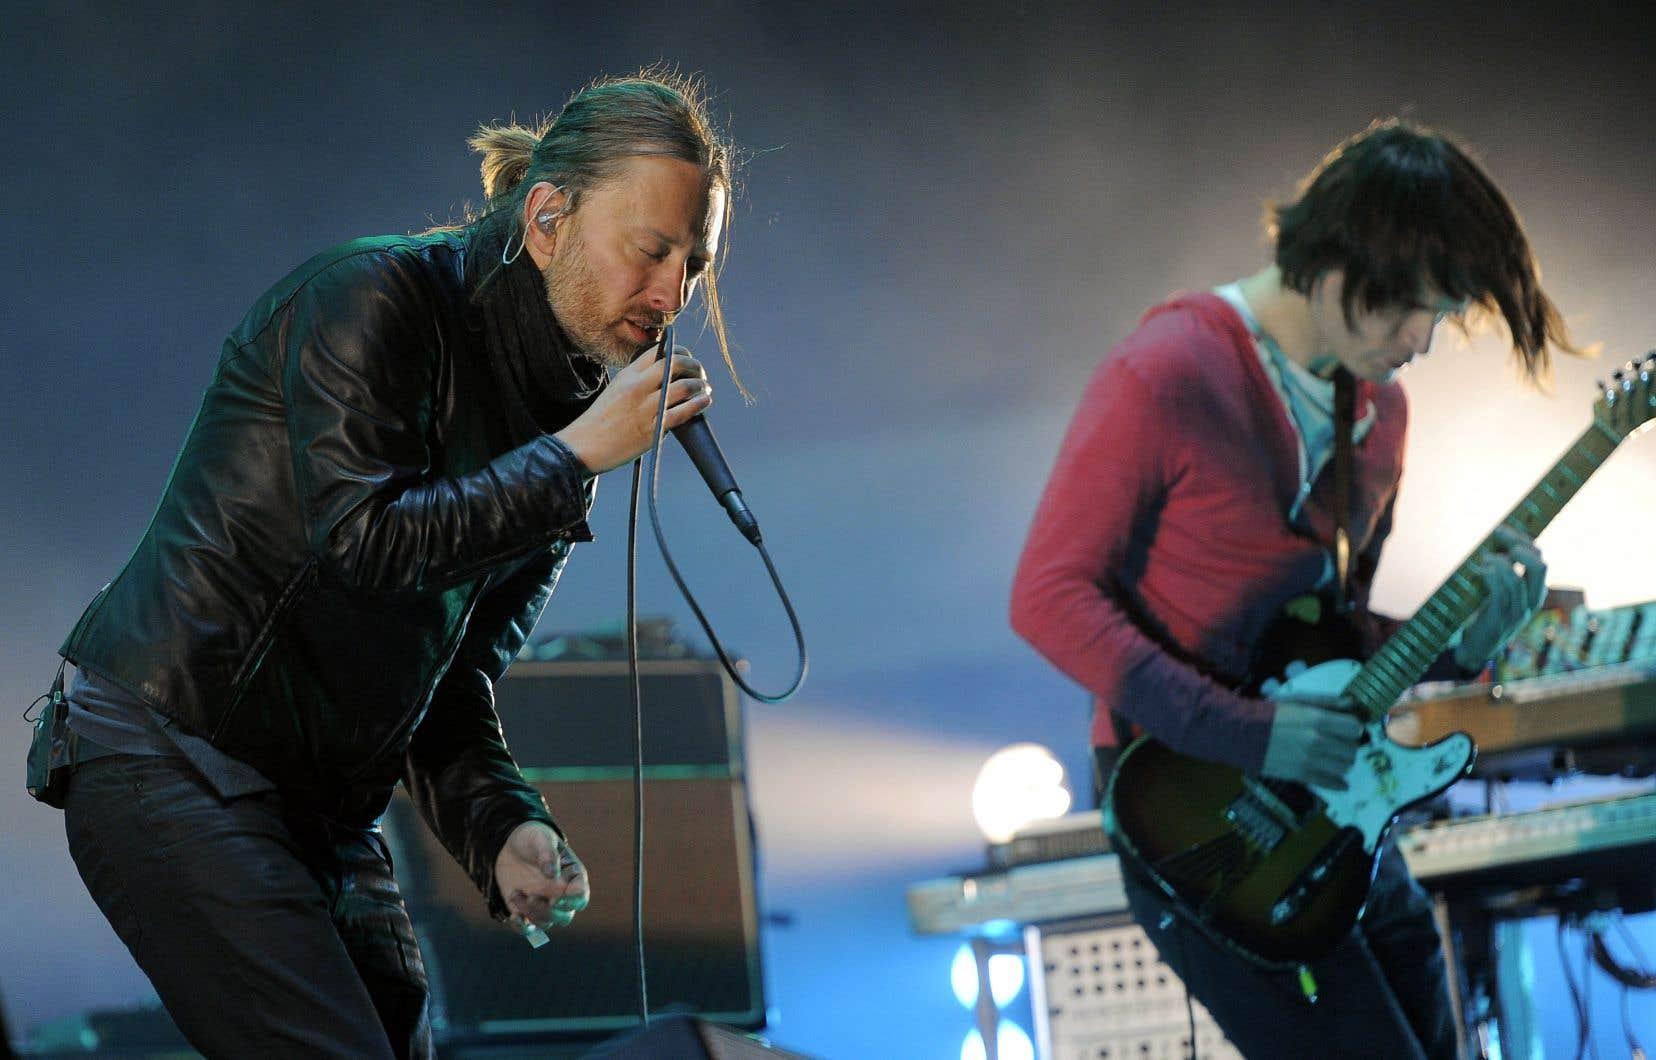 <p>Au lieu de payer une rançon, Radiohead adécidé de rendre la musique disponible au profit du groupe environnementaliste Extinction Rebellion.</p>